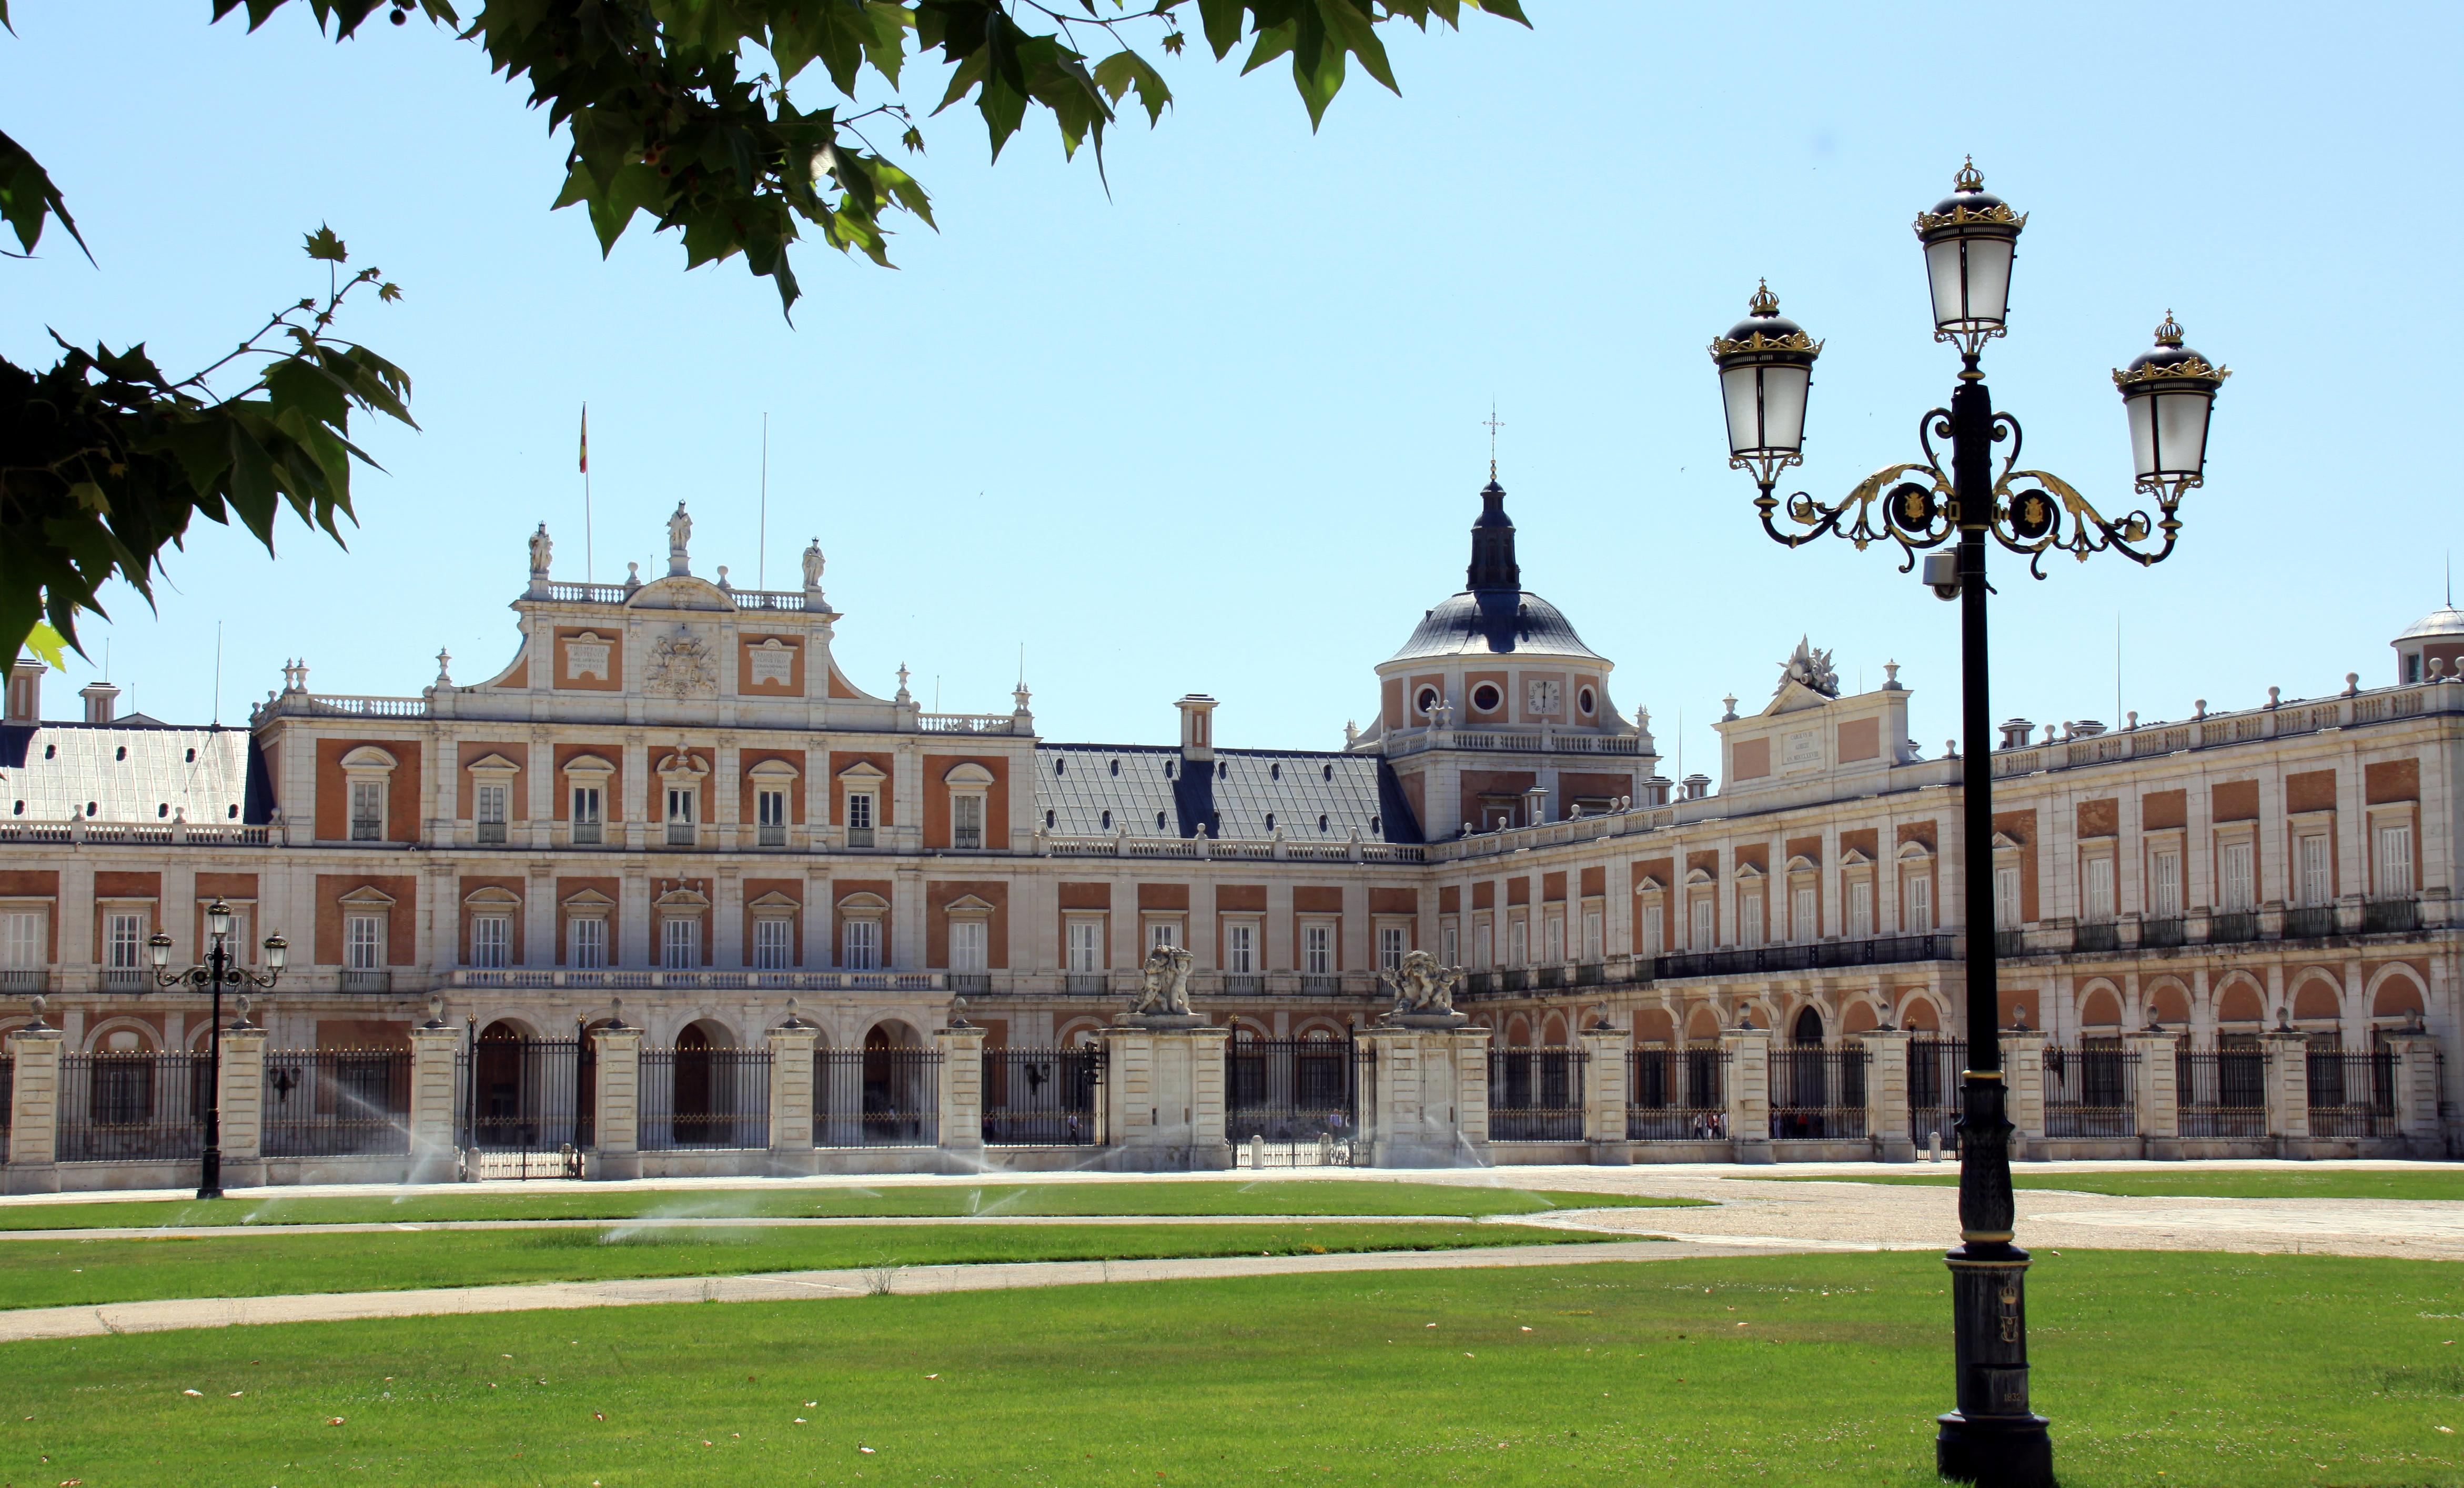 Royal Palace Of Aranjuez Pics, Man Made Collection